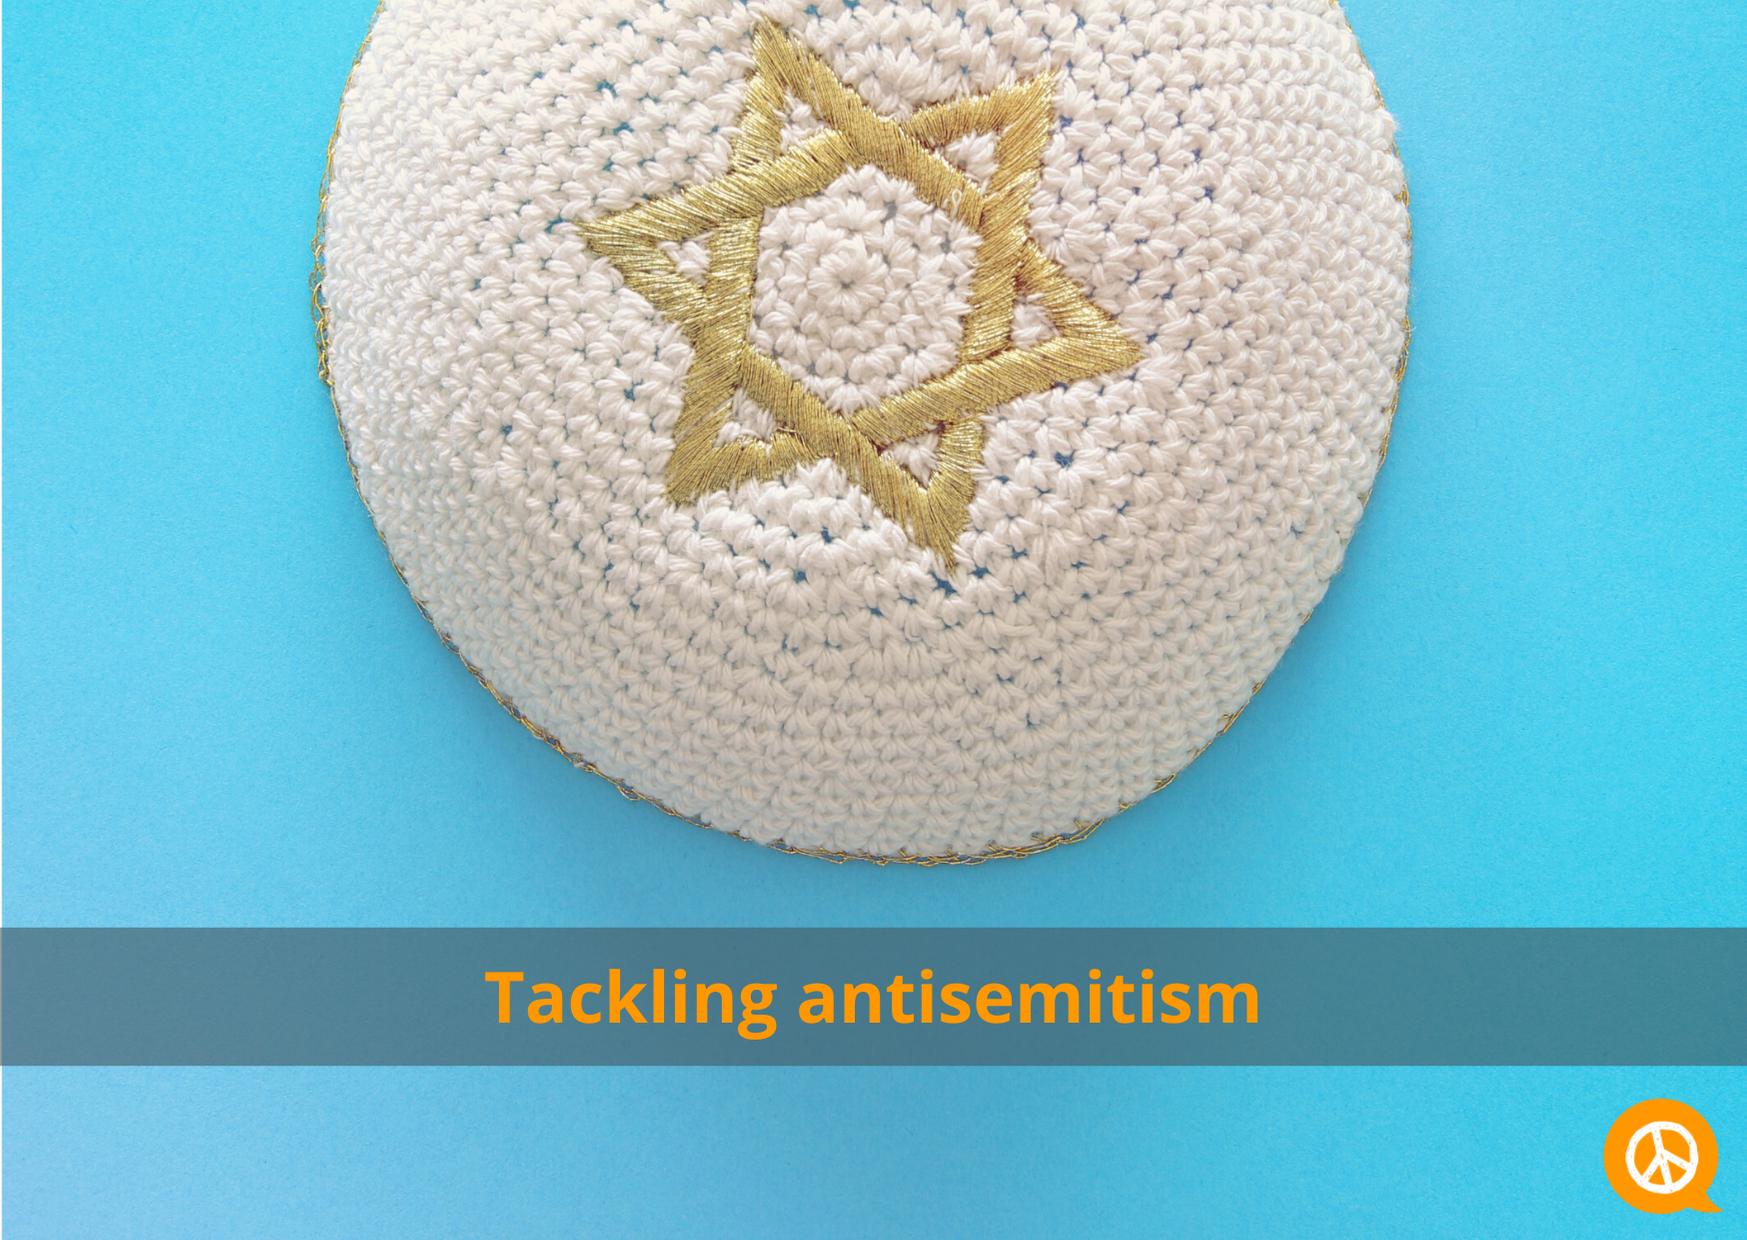 Tackling antisemitism and anti-Muslim hate (1).png